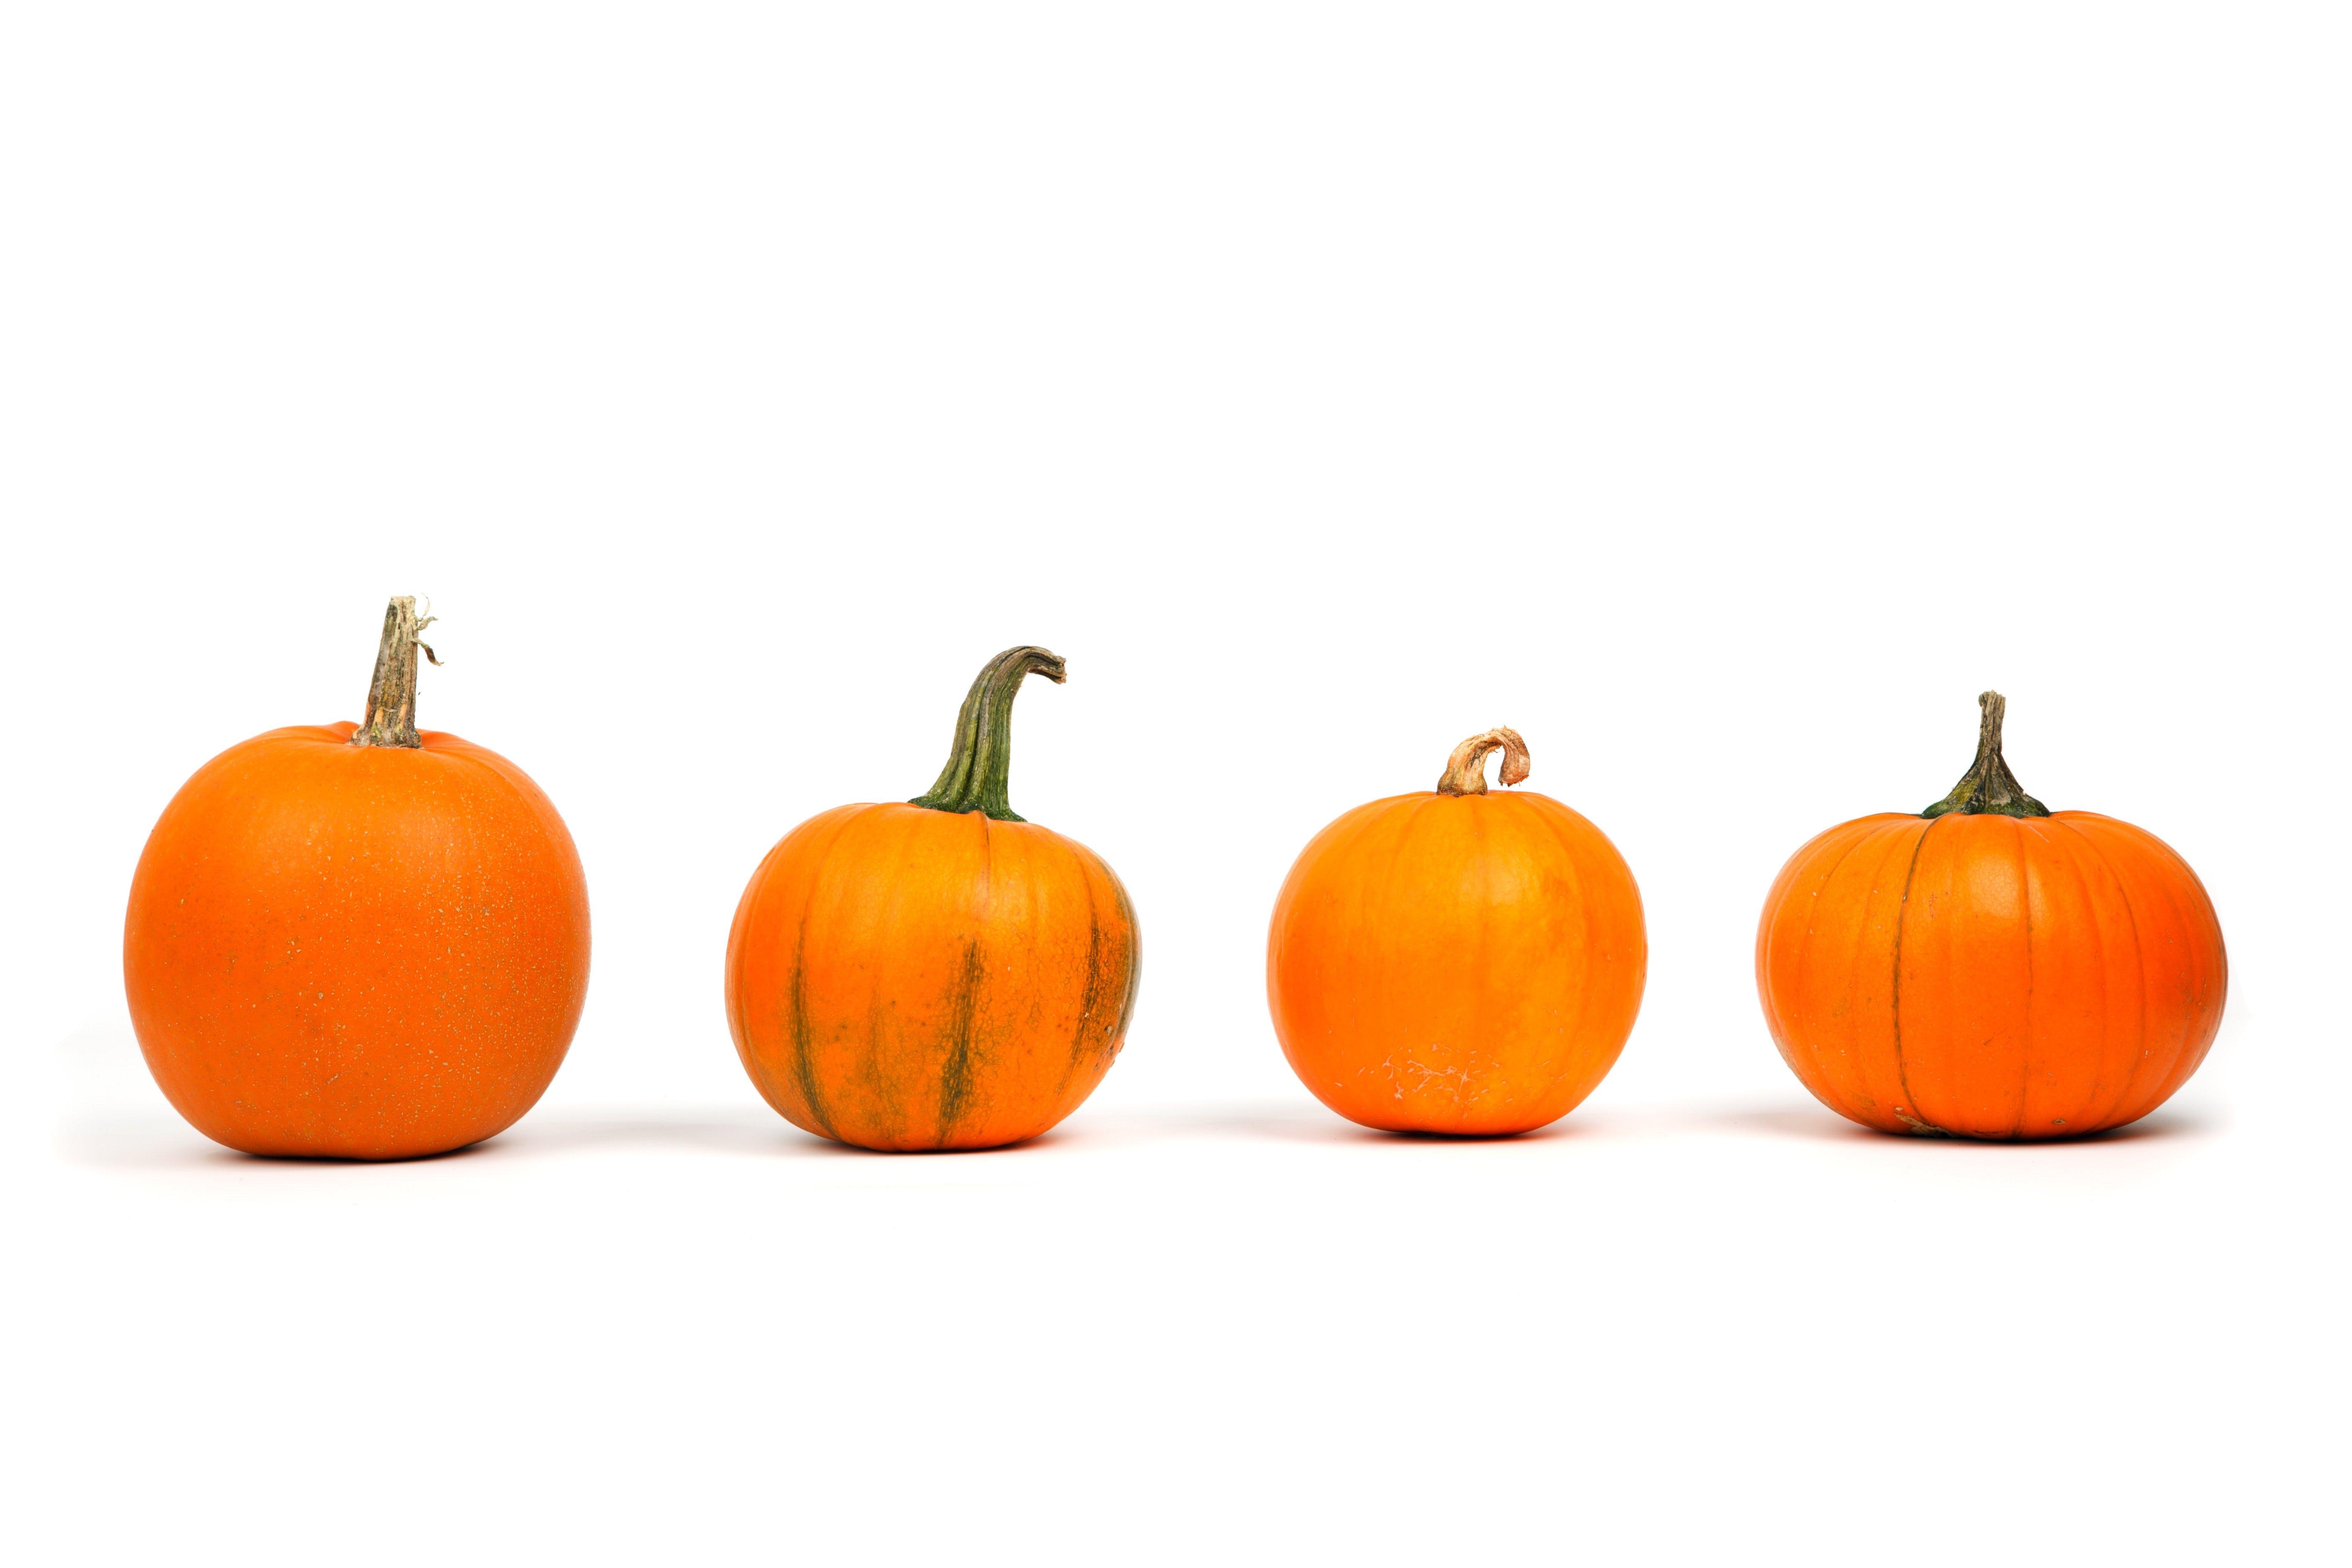 Ilmainen kuvapankkikuva tunnisteilla appelsiini, herkullista, kausiluonteinen, kurpitsa